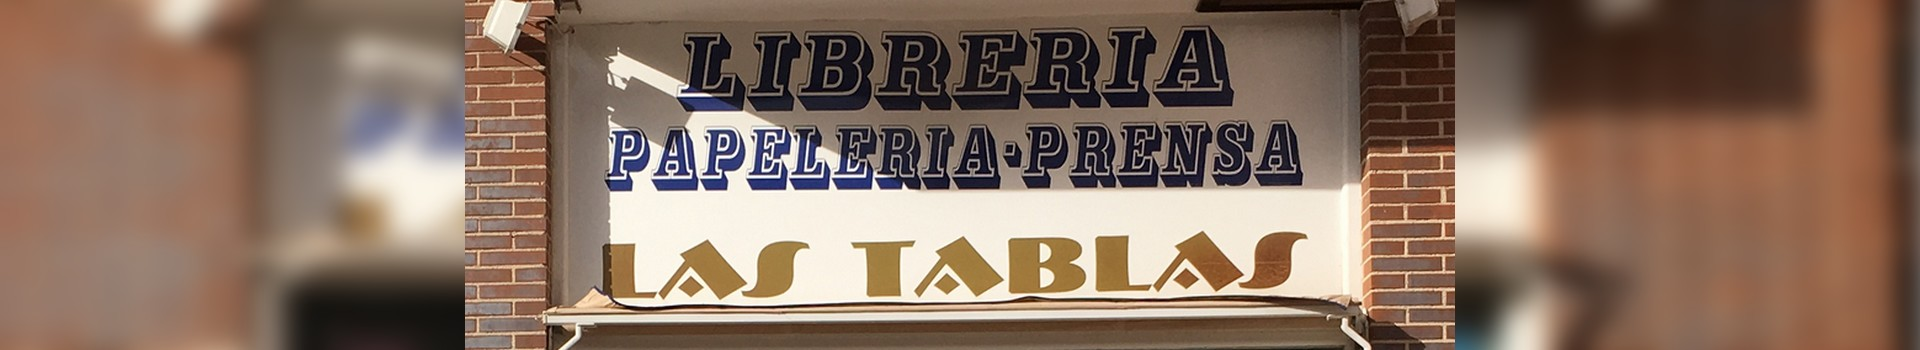 libreria en las tablas, libreria en sanchinarro